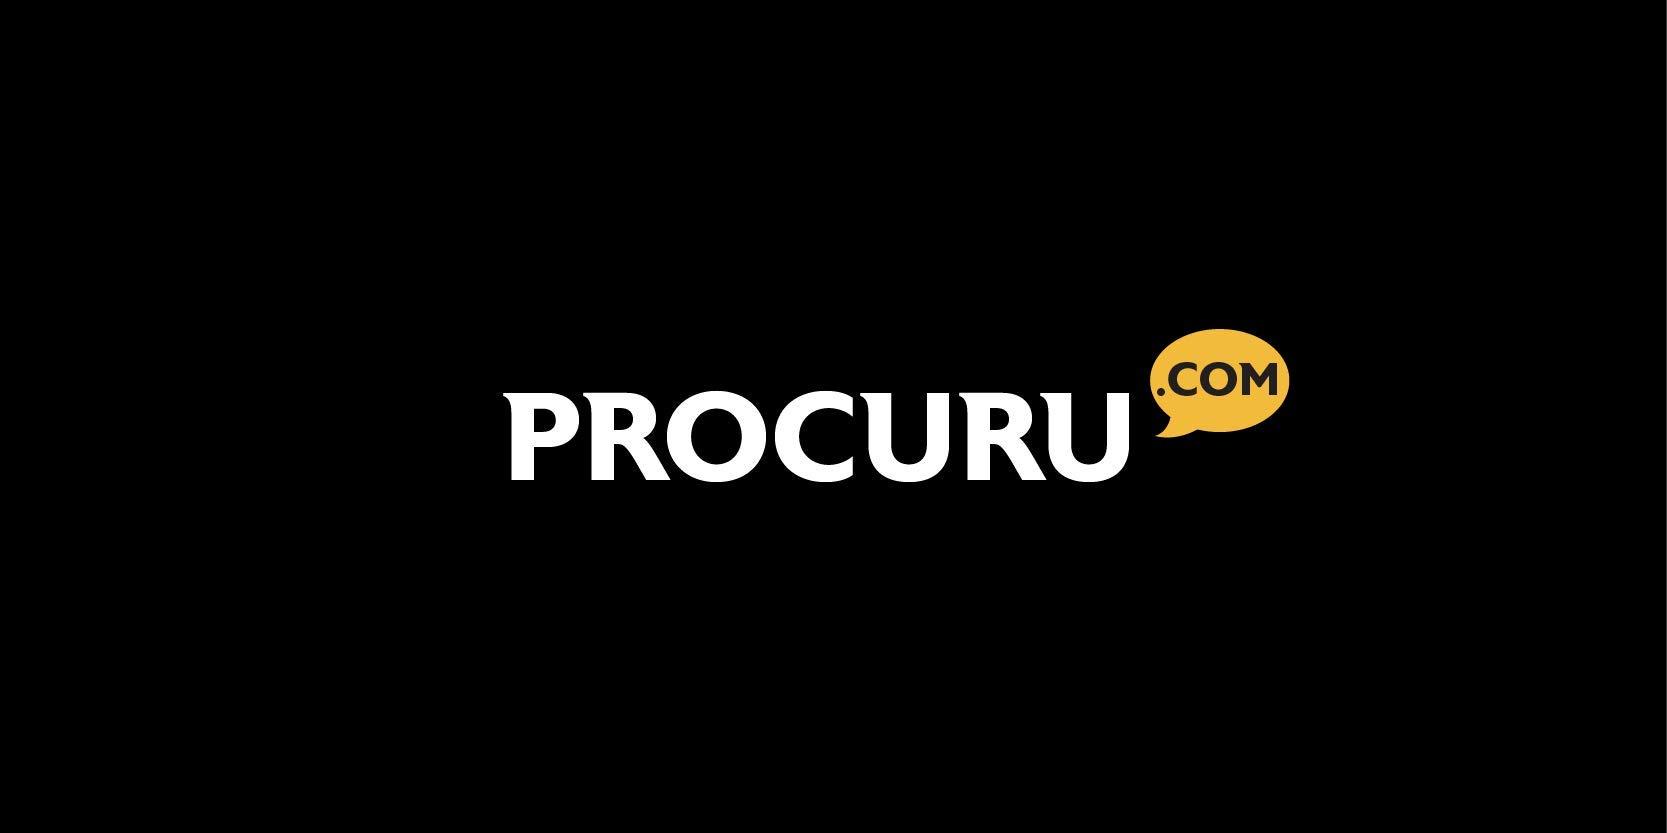 [10-Pack] PROCURU 1/2-Inch PushFit End Cap - Plumbing Fitting for Copper, PEX, CPVC, Lead Free Certified (0.5 Inch (1/2''), 10-Pack) by PROCURU (Image #4)